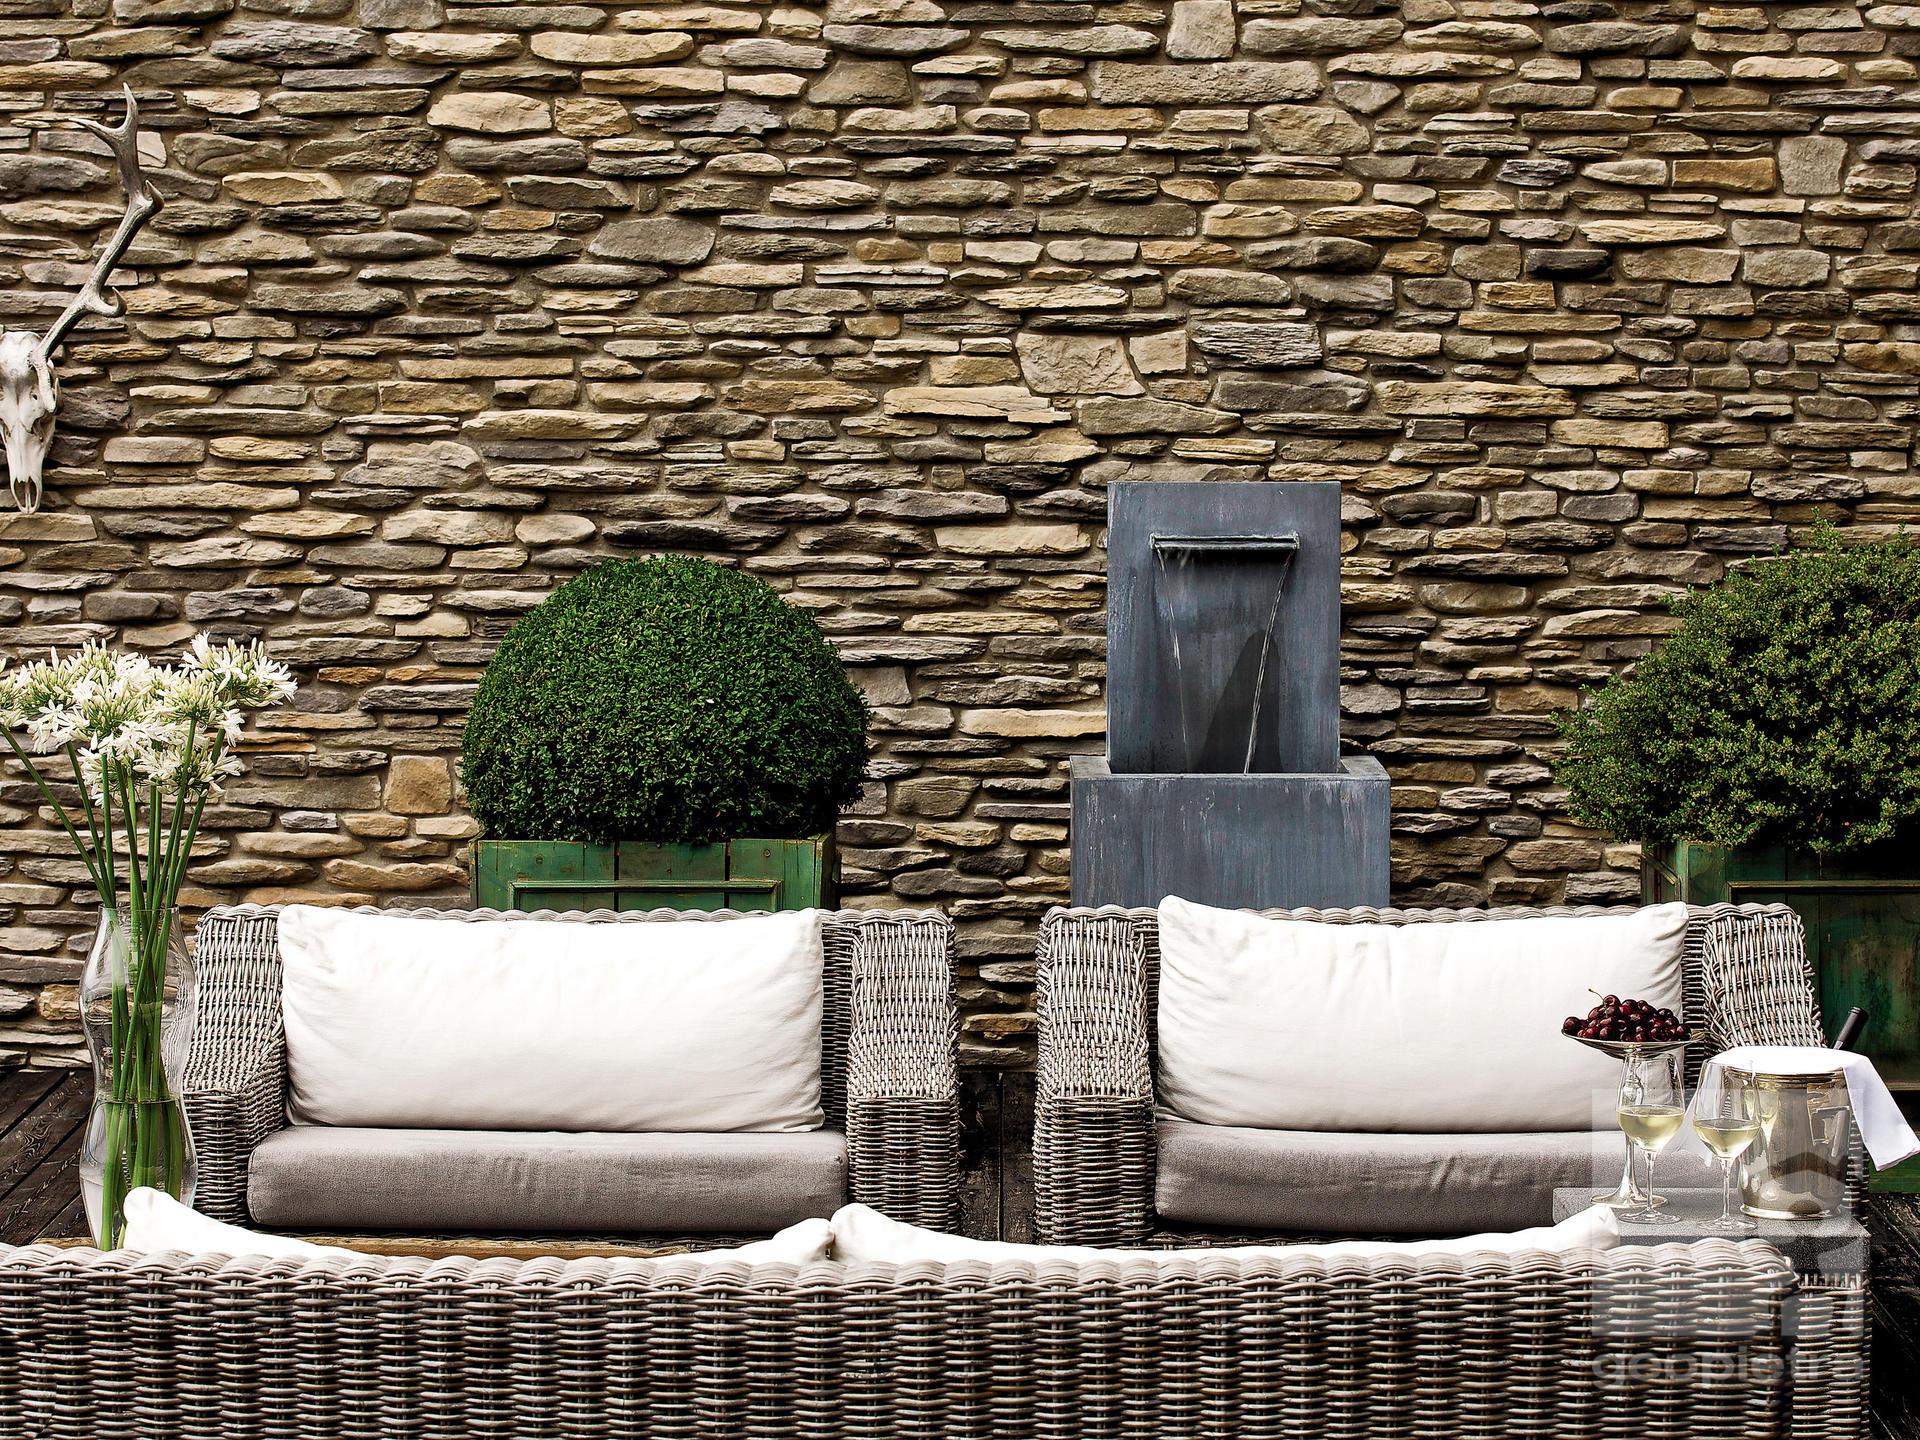 Patio intérieur en pierre